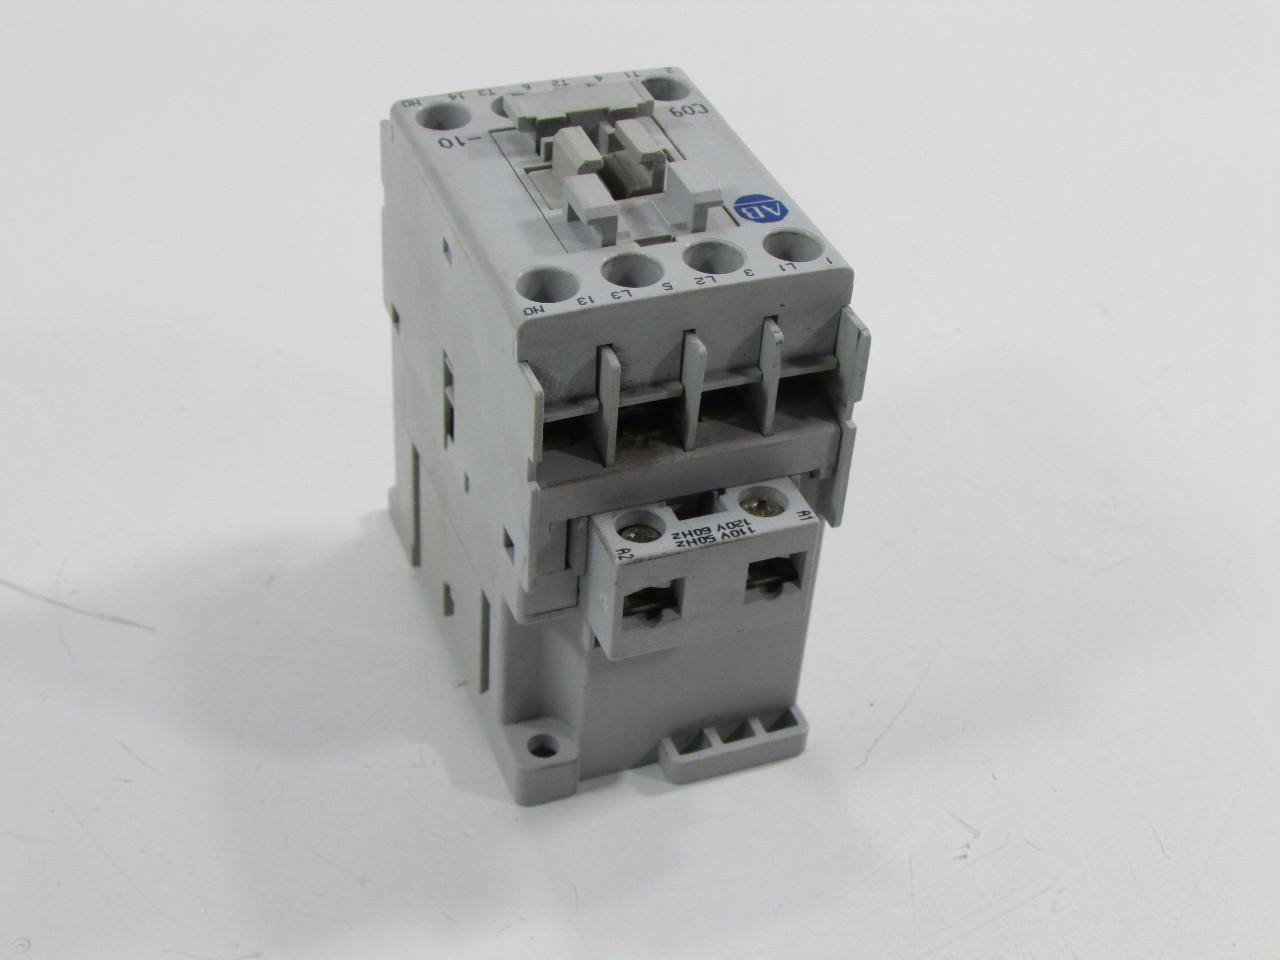 allen bradley contactors - HD1280×960